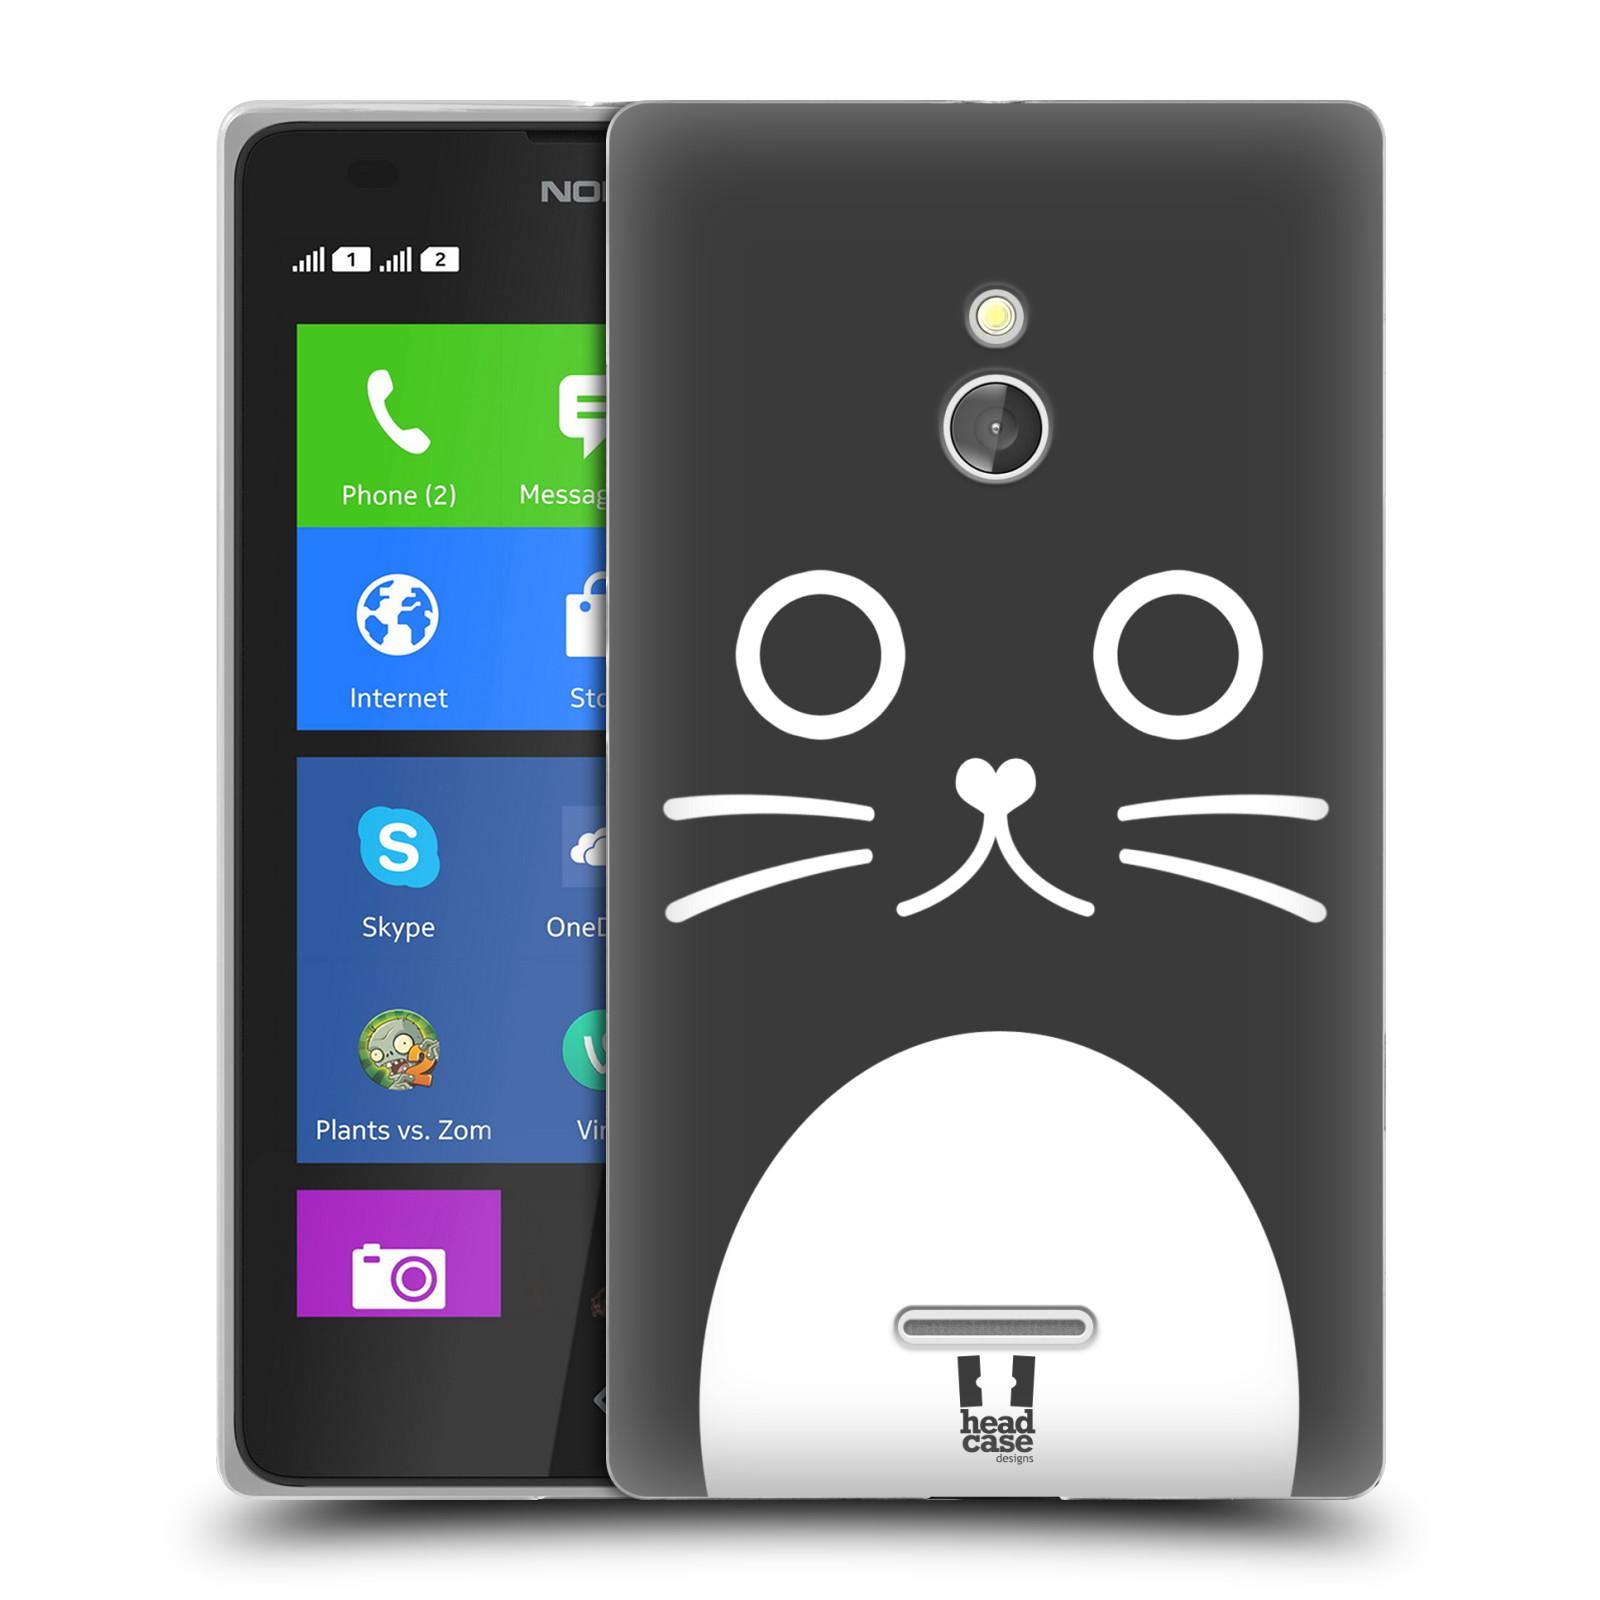 HEAD CASE silikonový obal na mobil NOKIA XL / NOKIA XL DUAL SIM vzor Cartoon Karikatura kreslená zvířátka kočka